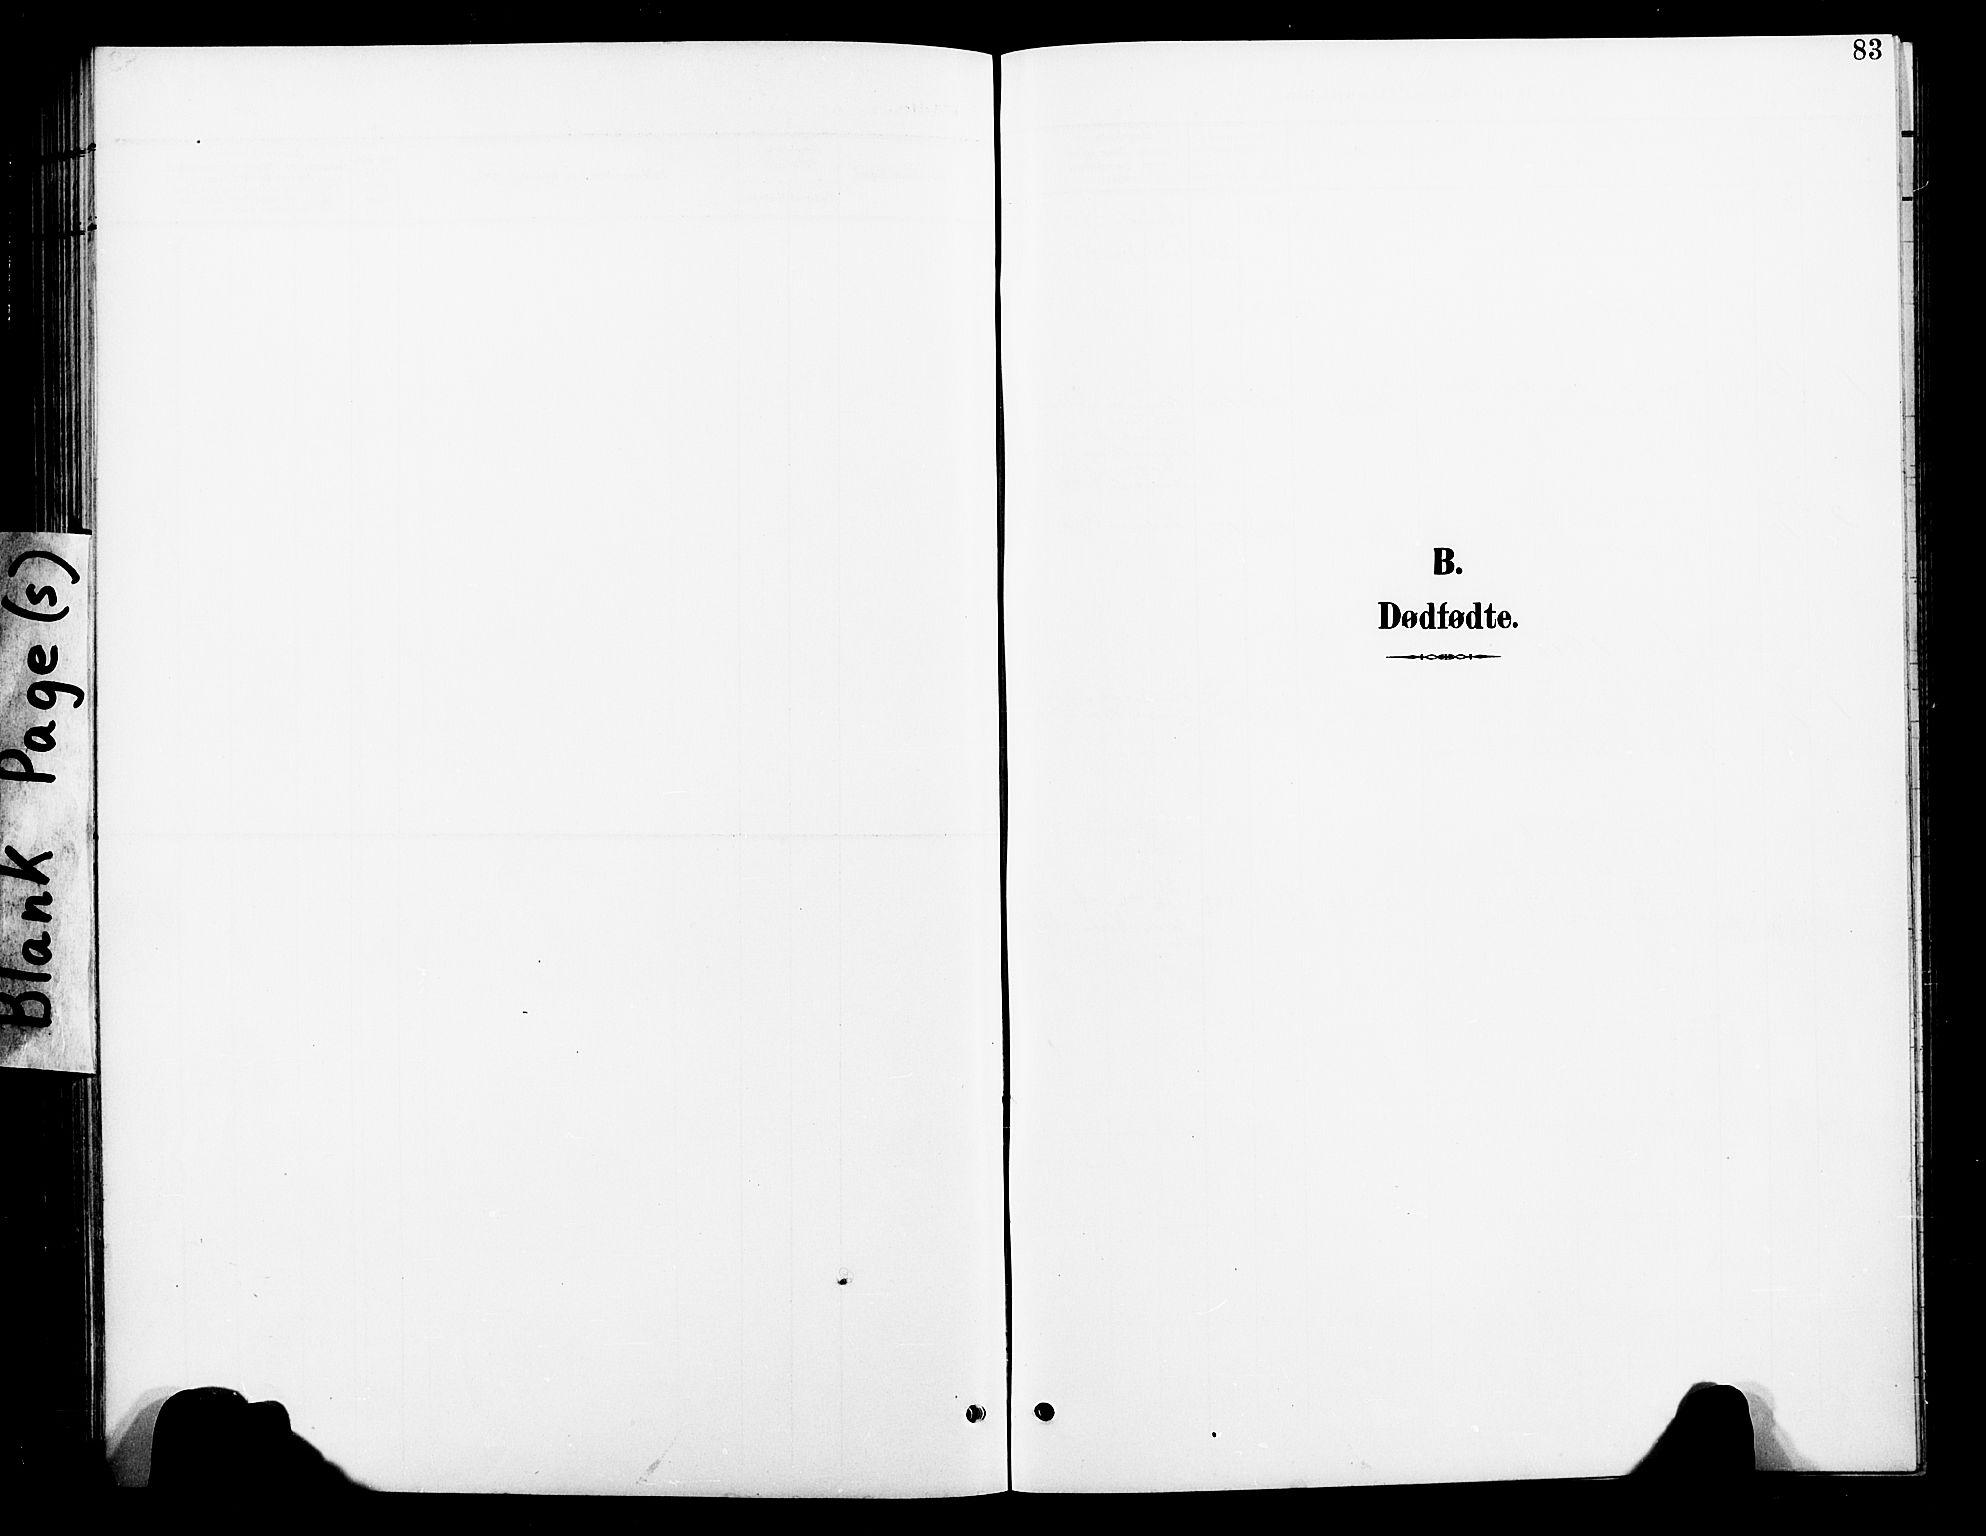 SAT, Ministerialprotokoller, klokkerbøker og fødselsregistre - Nord-Trøndelag, 739/L0375: Klokkerbok nr. 739C03, 1898-1908, s. 83